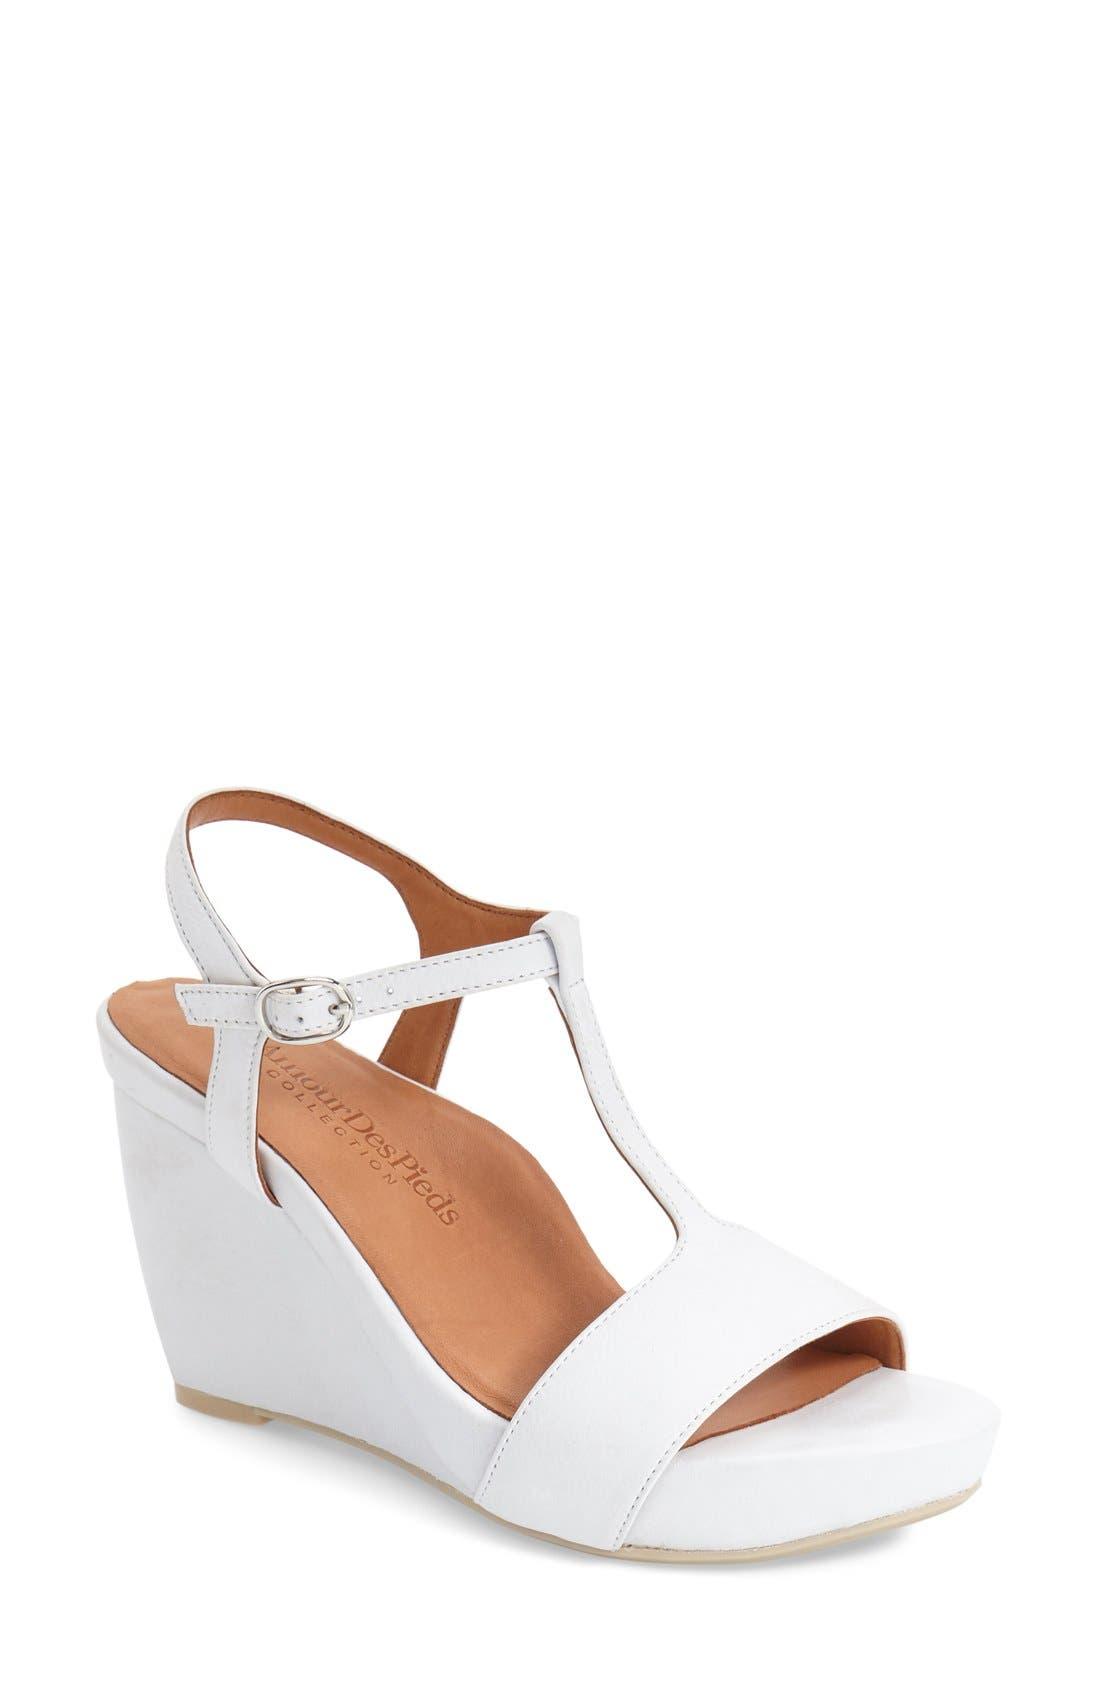 L'AMOUR DES PIEDS Idelle' Platform Wedge Sandal, Main, color, WHITE LEATHER